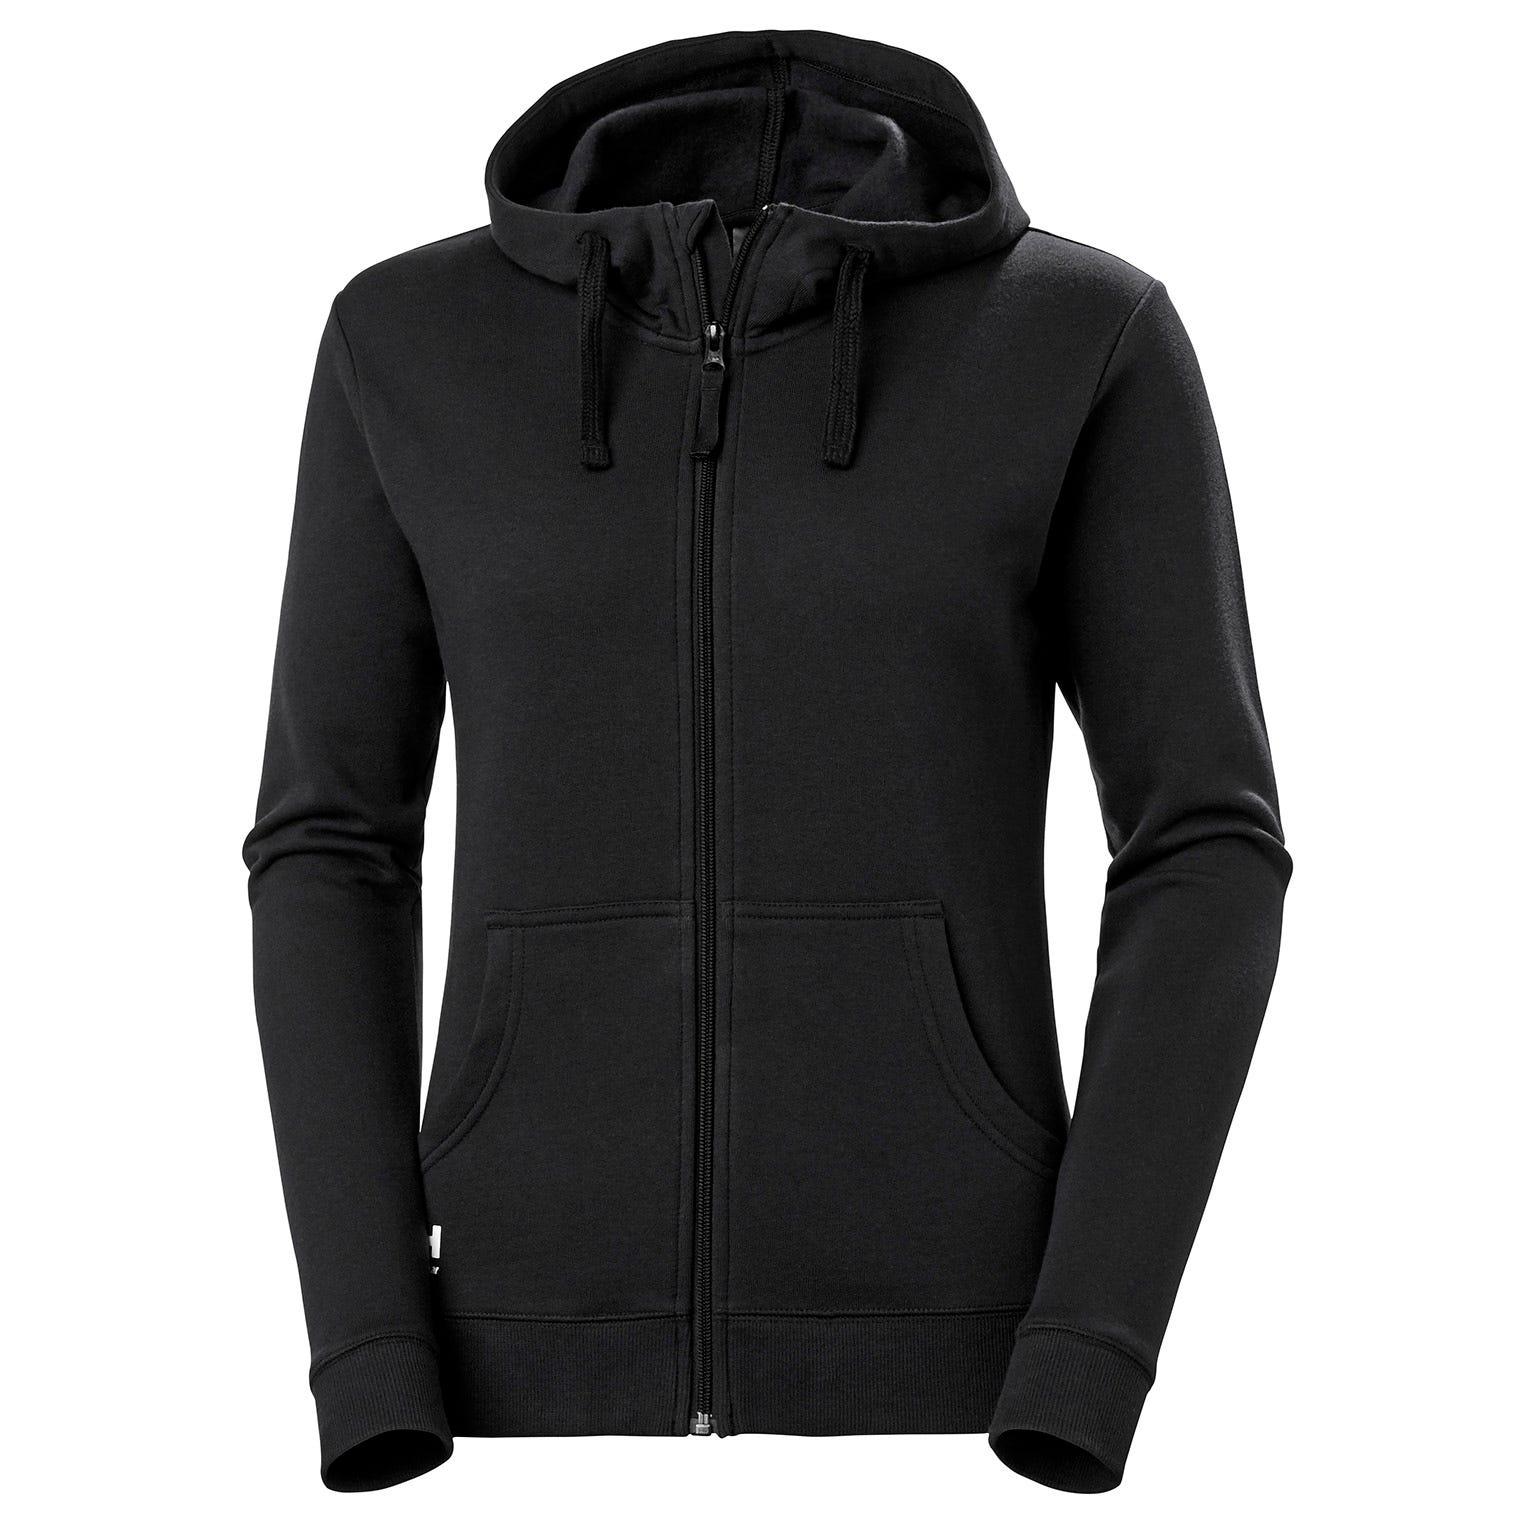 HH Workwear Workwear Women's Manchester Cotton Zip Hoodie Black XXL